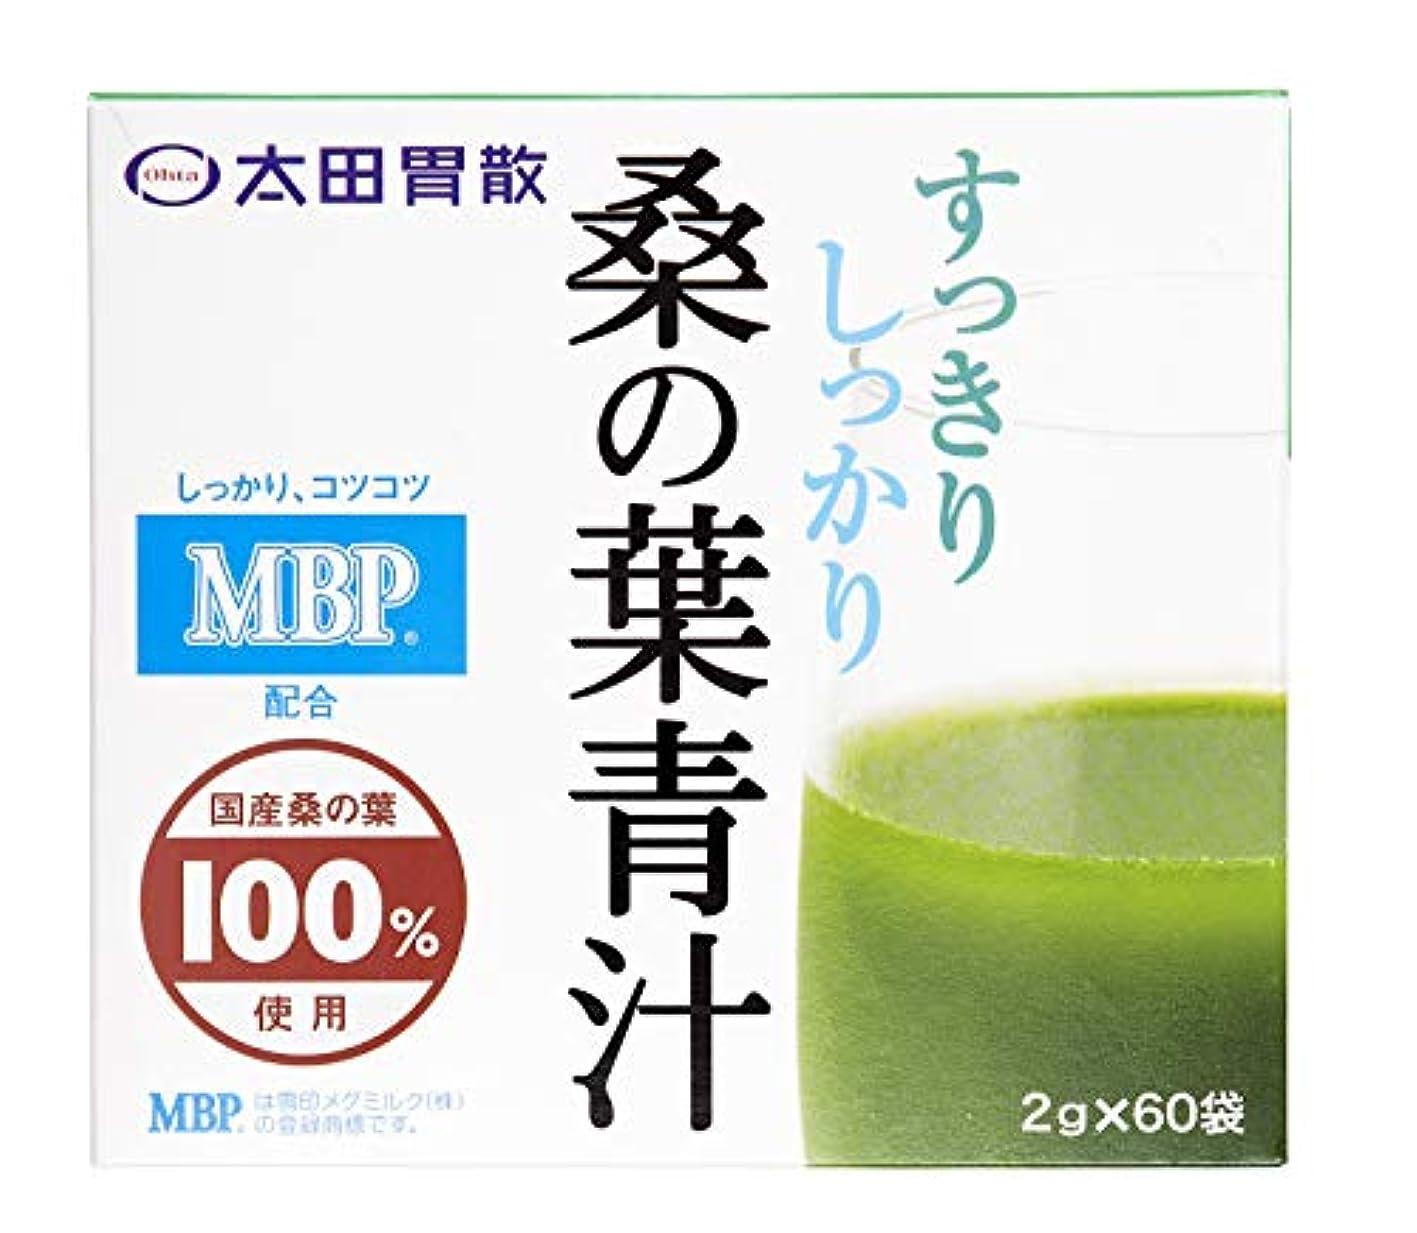 マイク抑圧者切り刻む太田胃散 桑の葉青汁 60袋入り(2g×60袋)